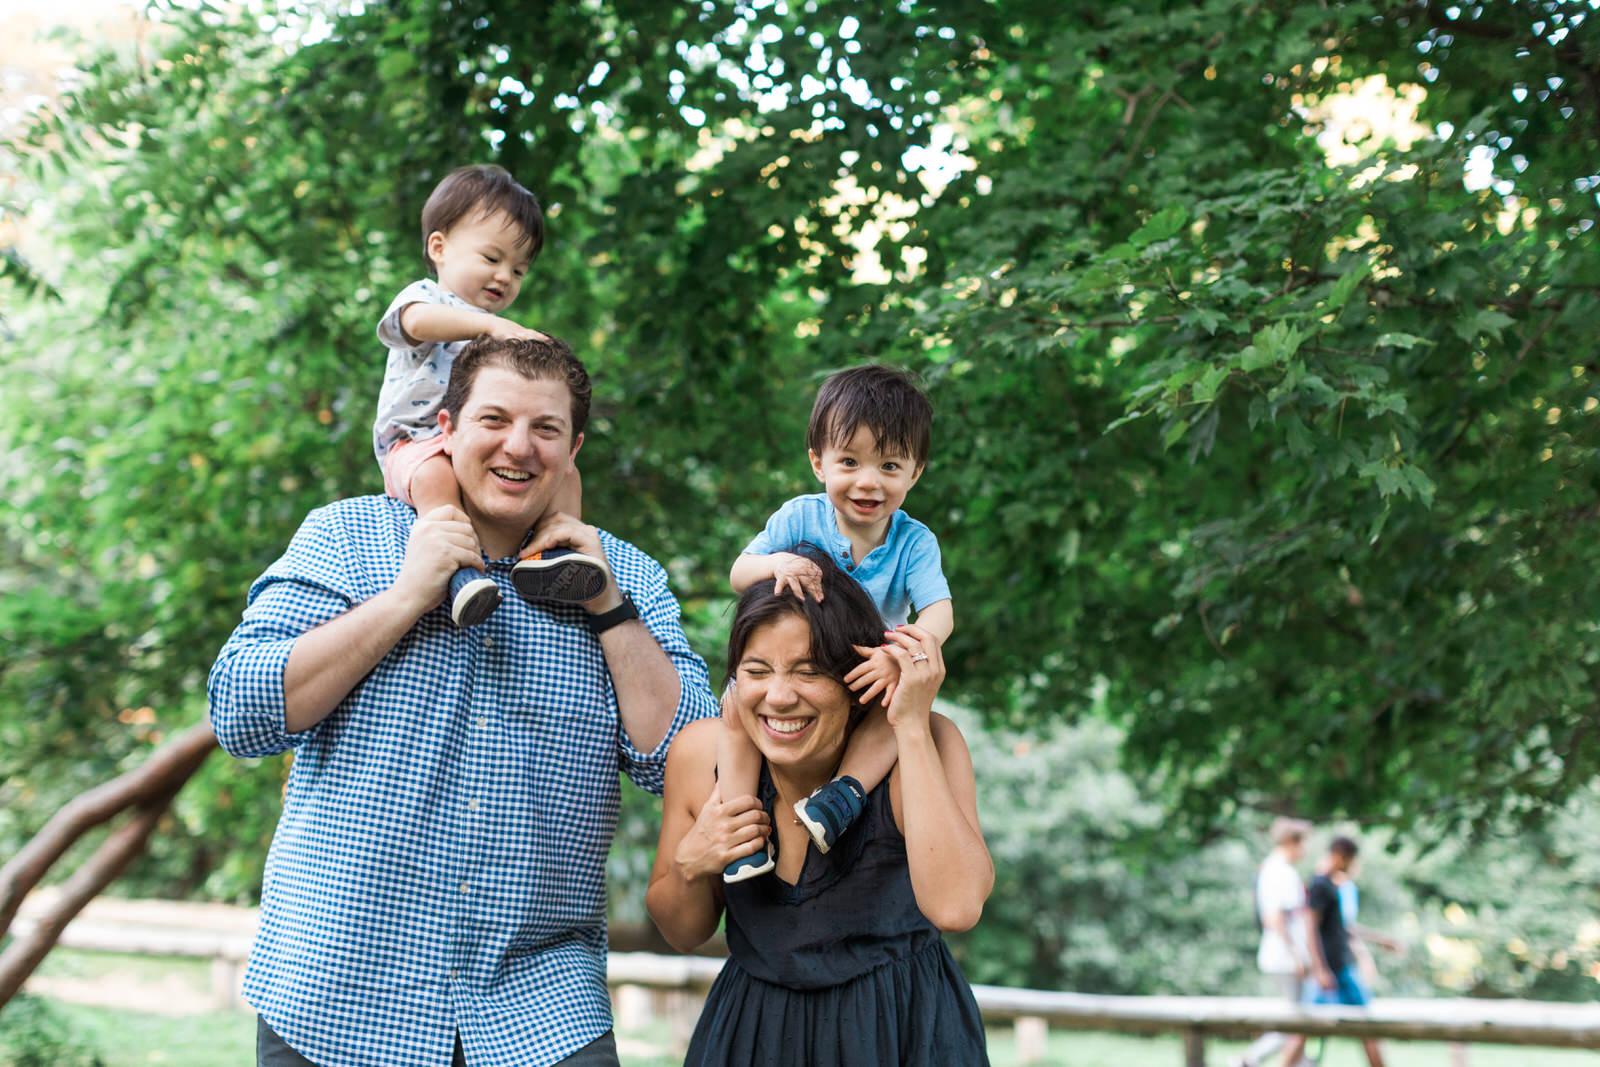 family-photography-brooklyn-ny-16.jpg